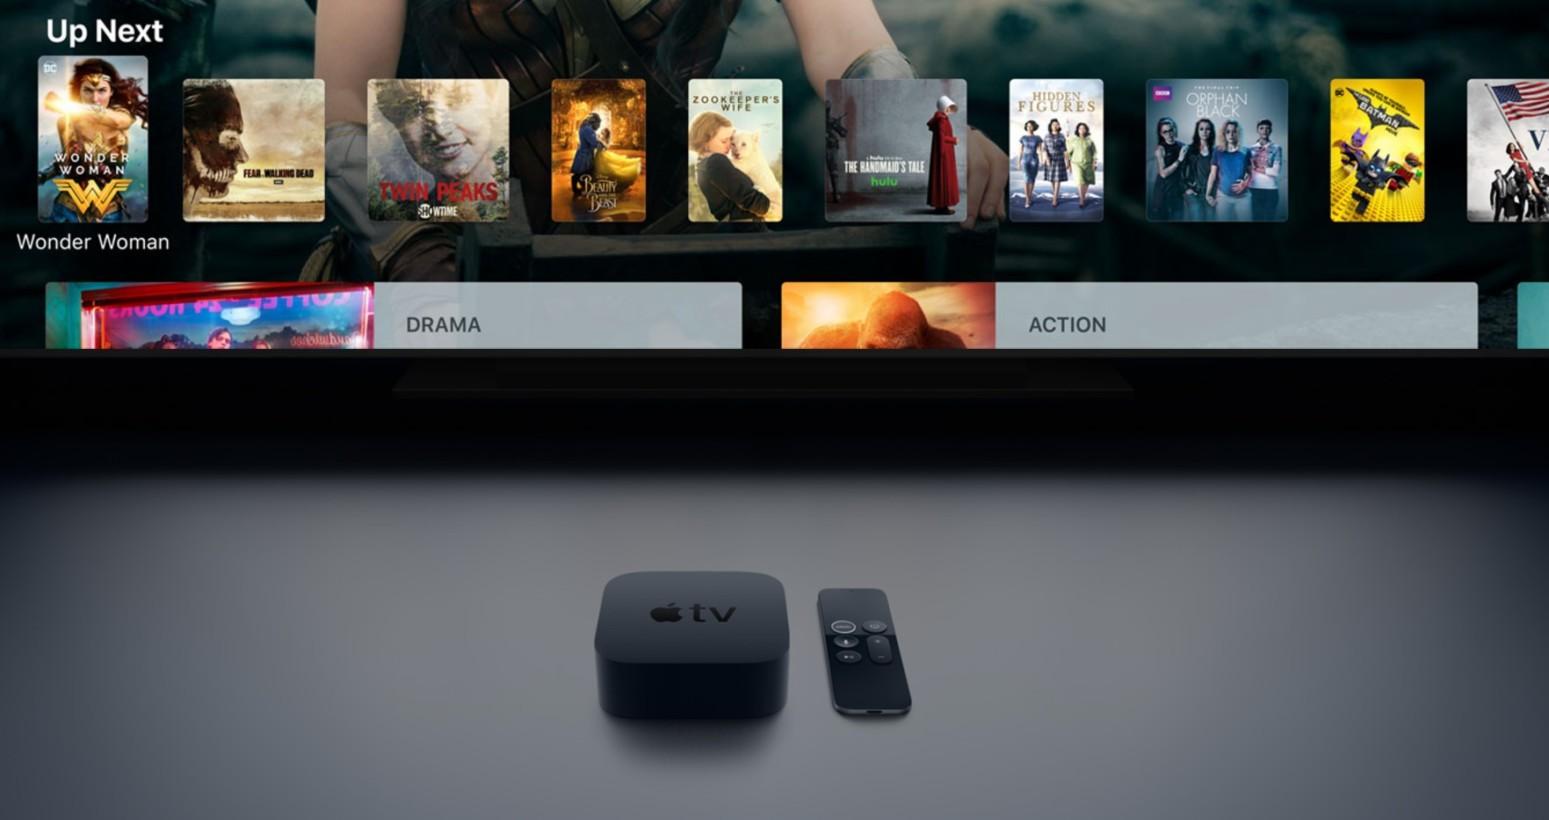 Plex Apple Tv 4k